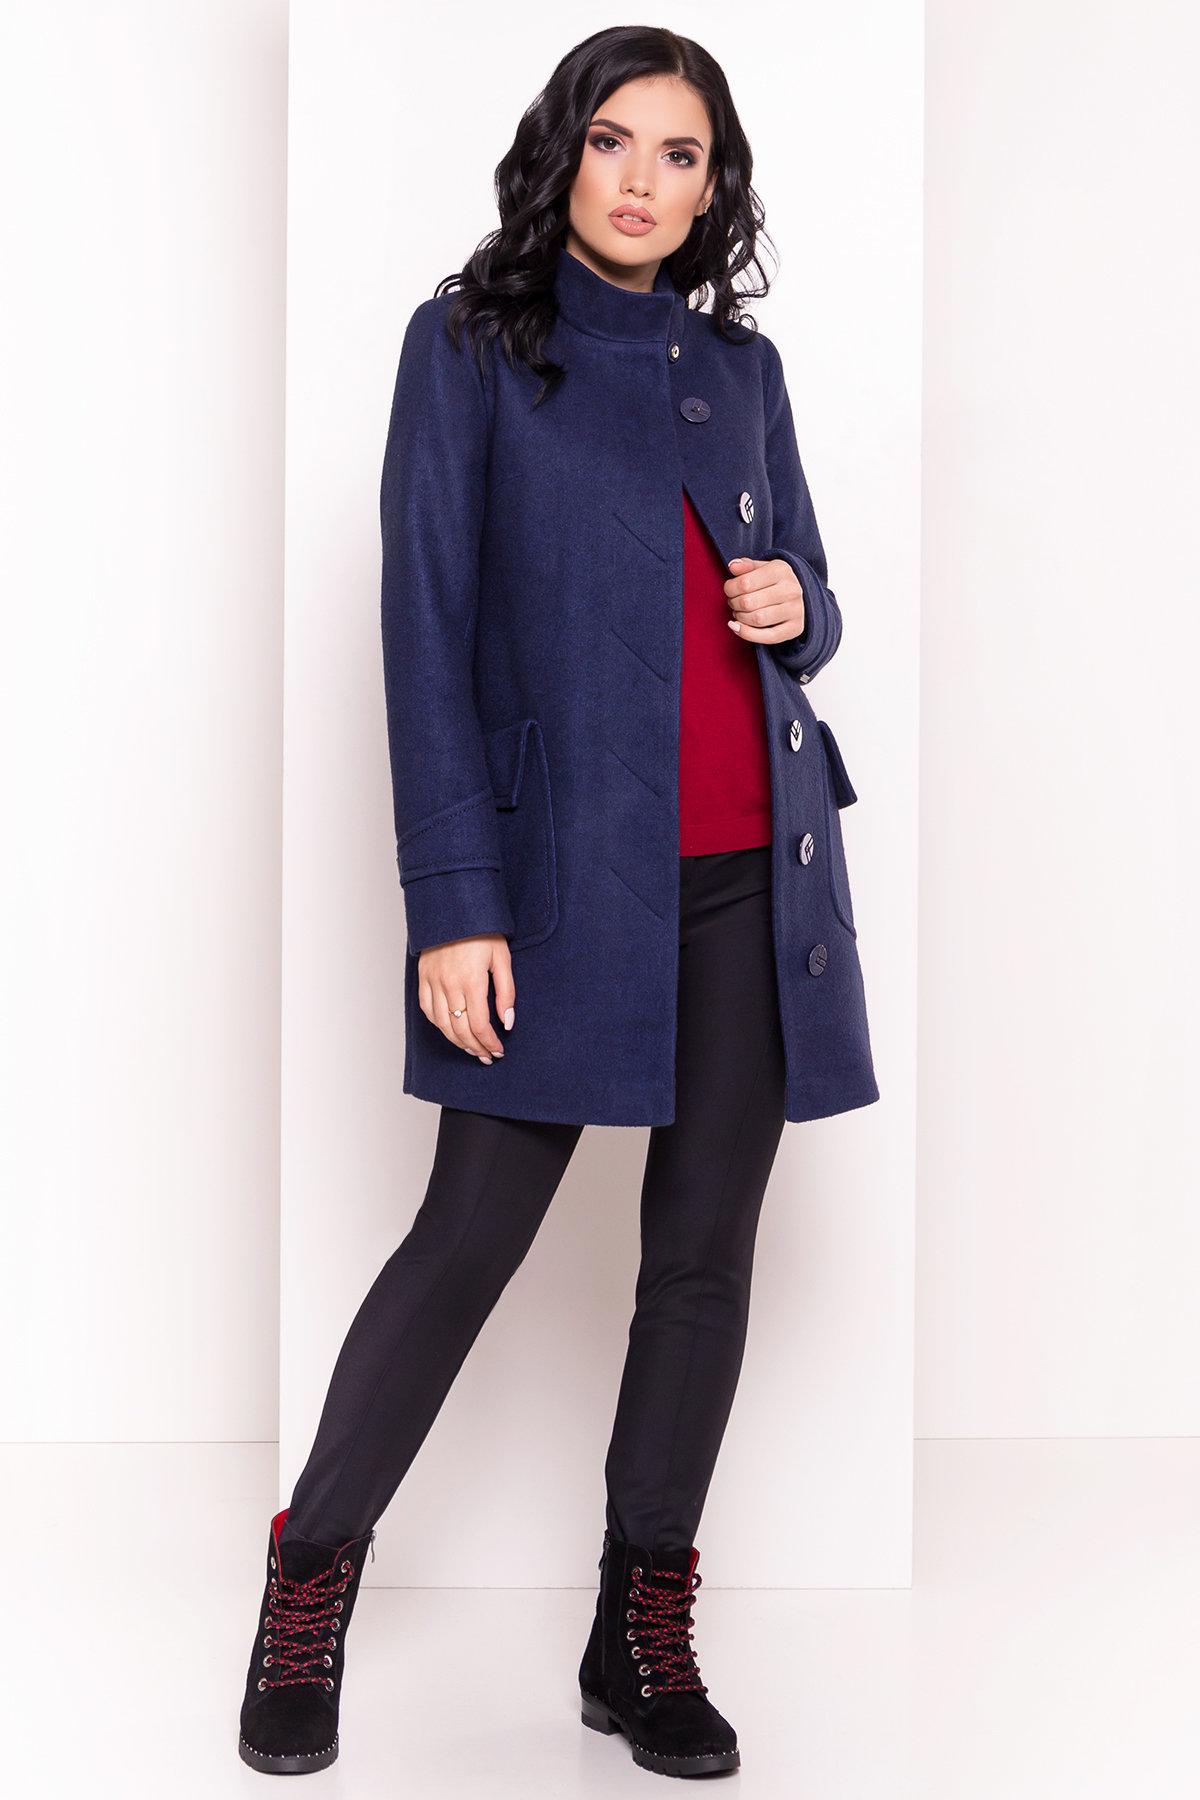 Демисезонное пальто с воротником стойка Эста 5417 АРТ. 36787 Цвет: Темно-синий 17 - фото 4, интернет магазин tm-modus.ru